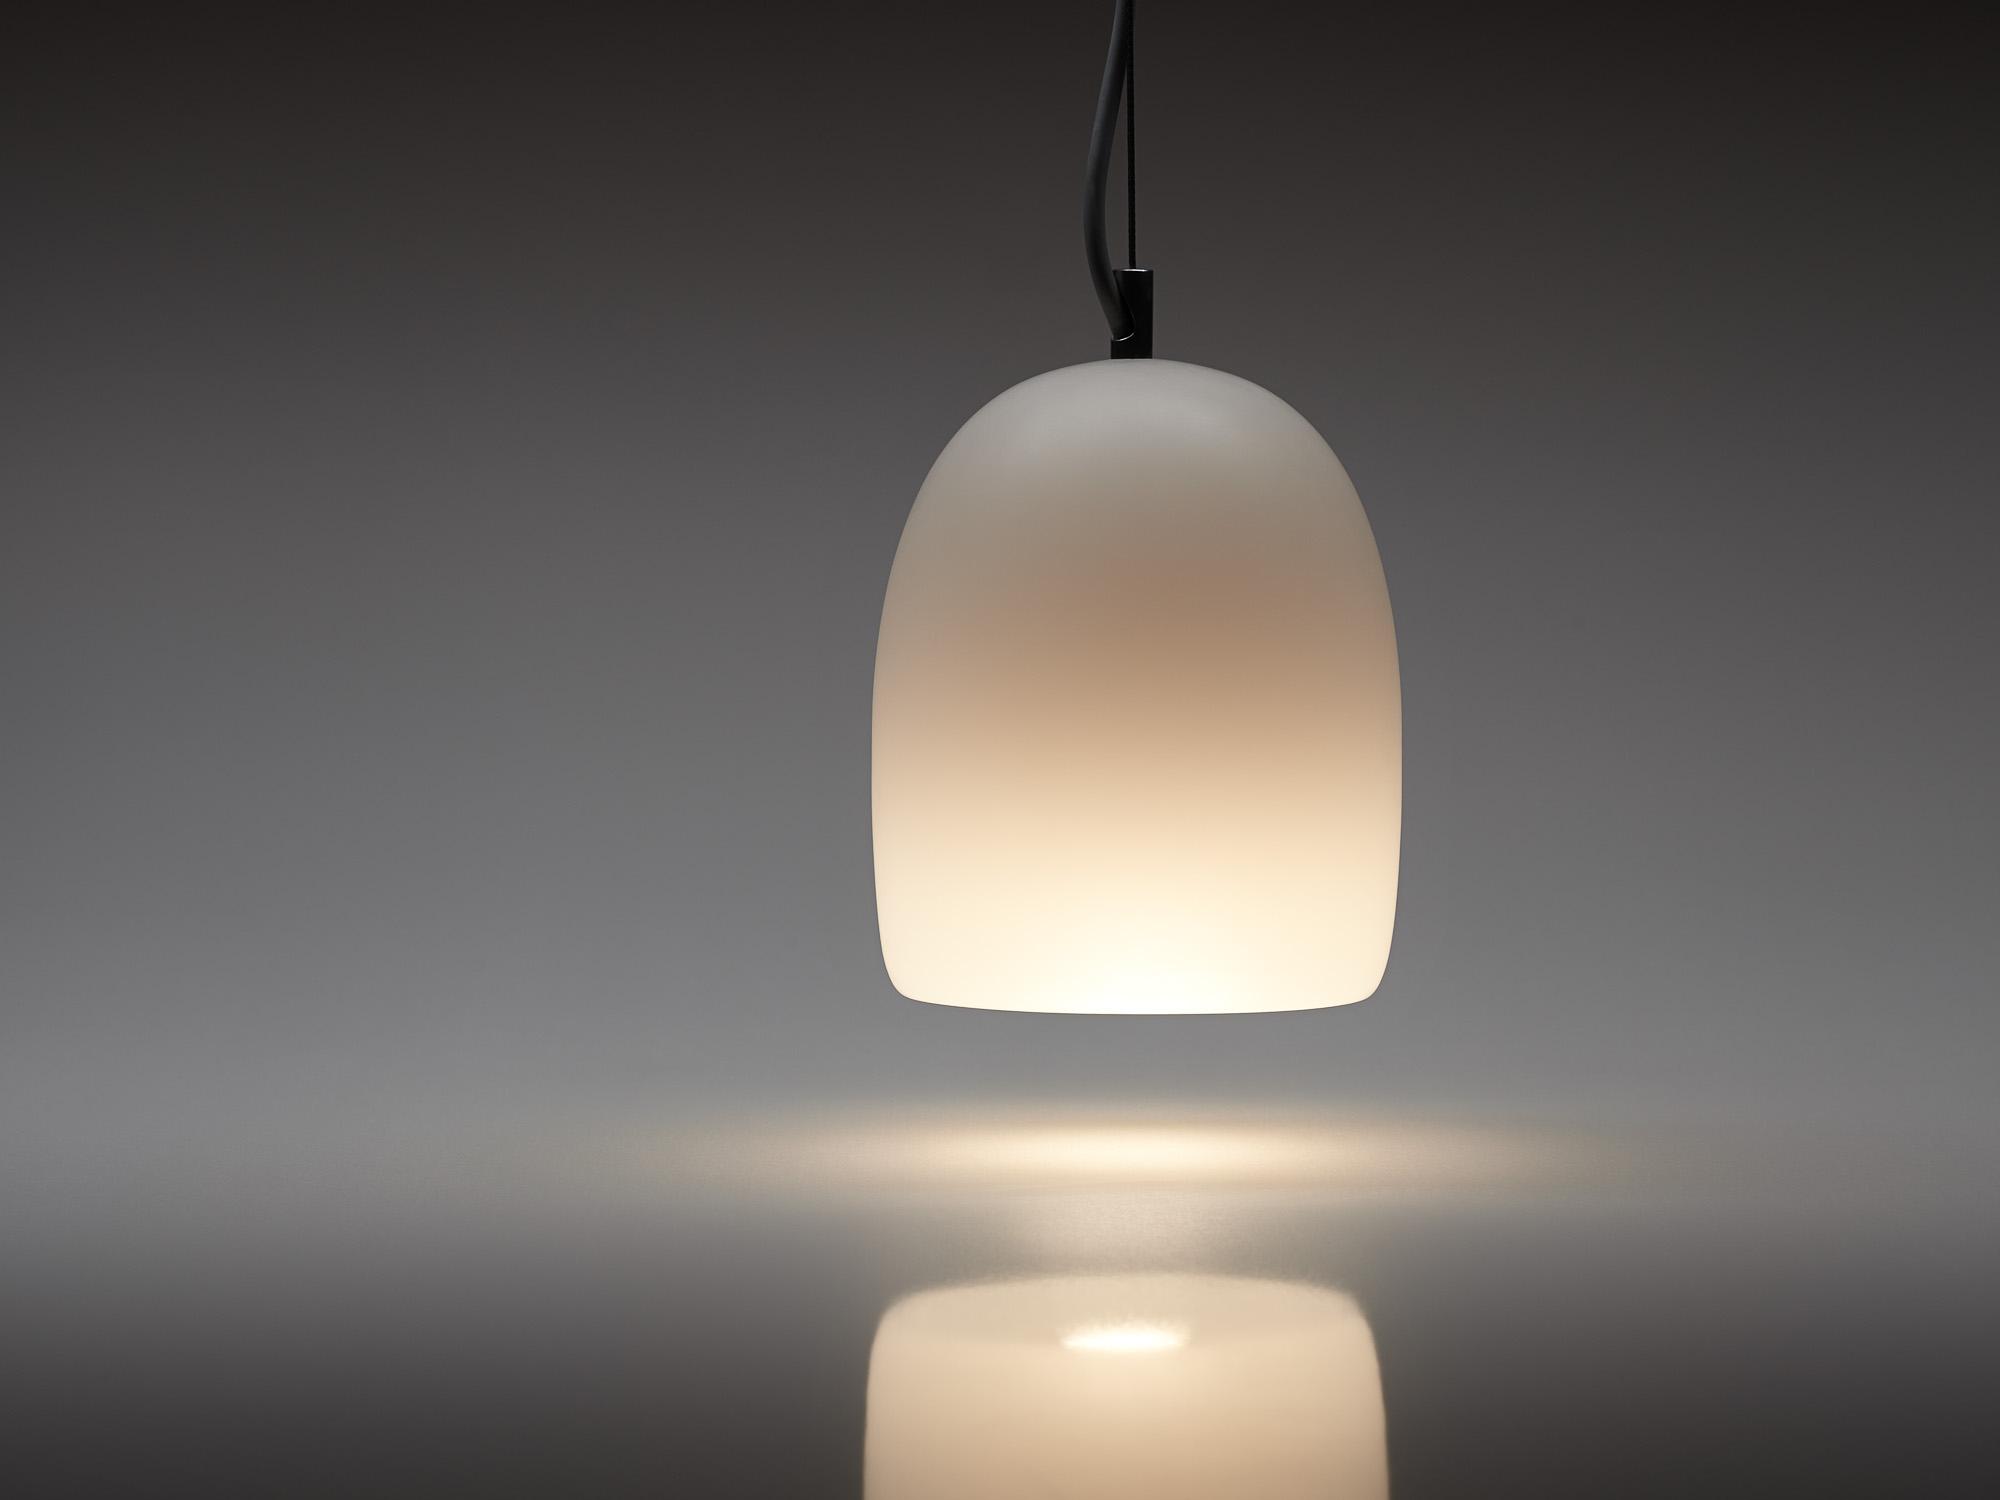 Gradient lamp by daast 003